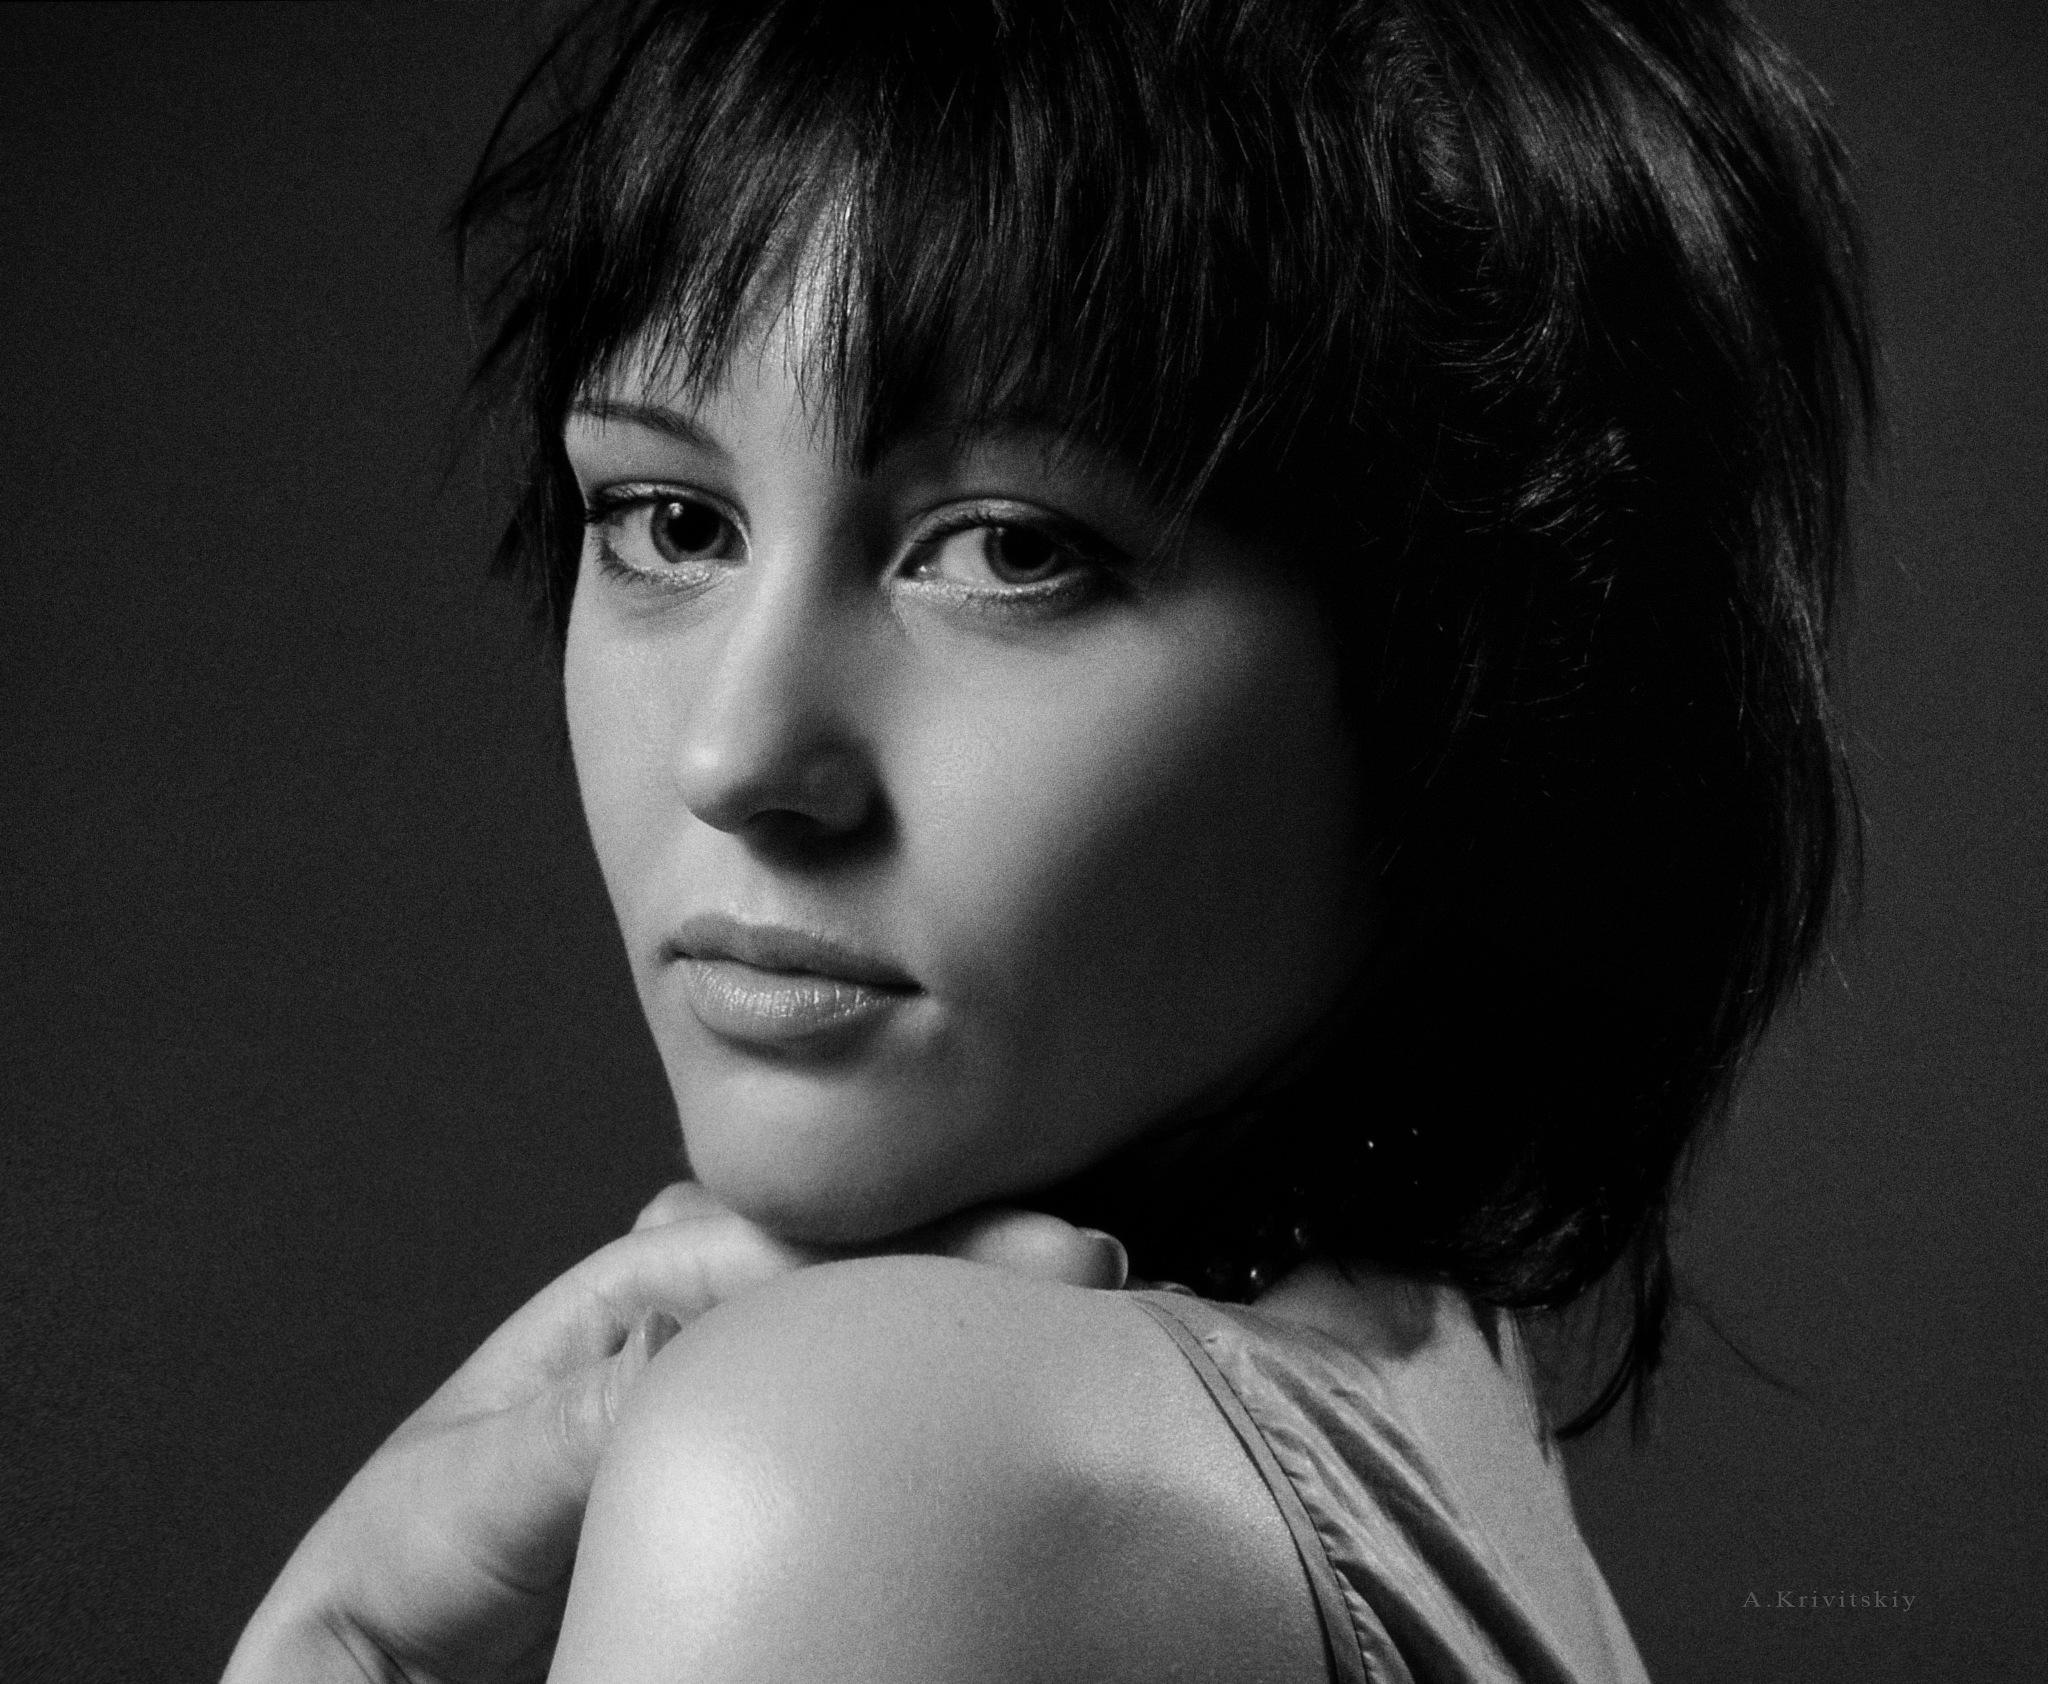 Portrait. Black and white glamor. Studio A. Krivitsky. by krivitskiy